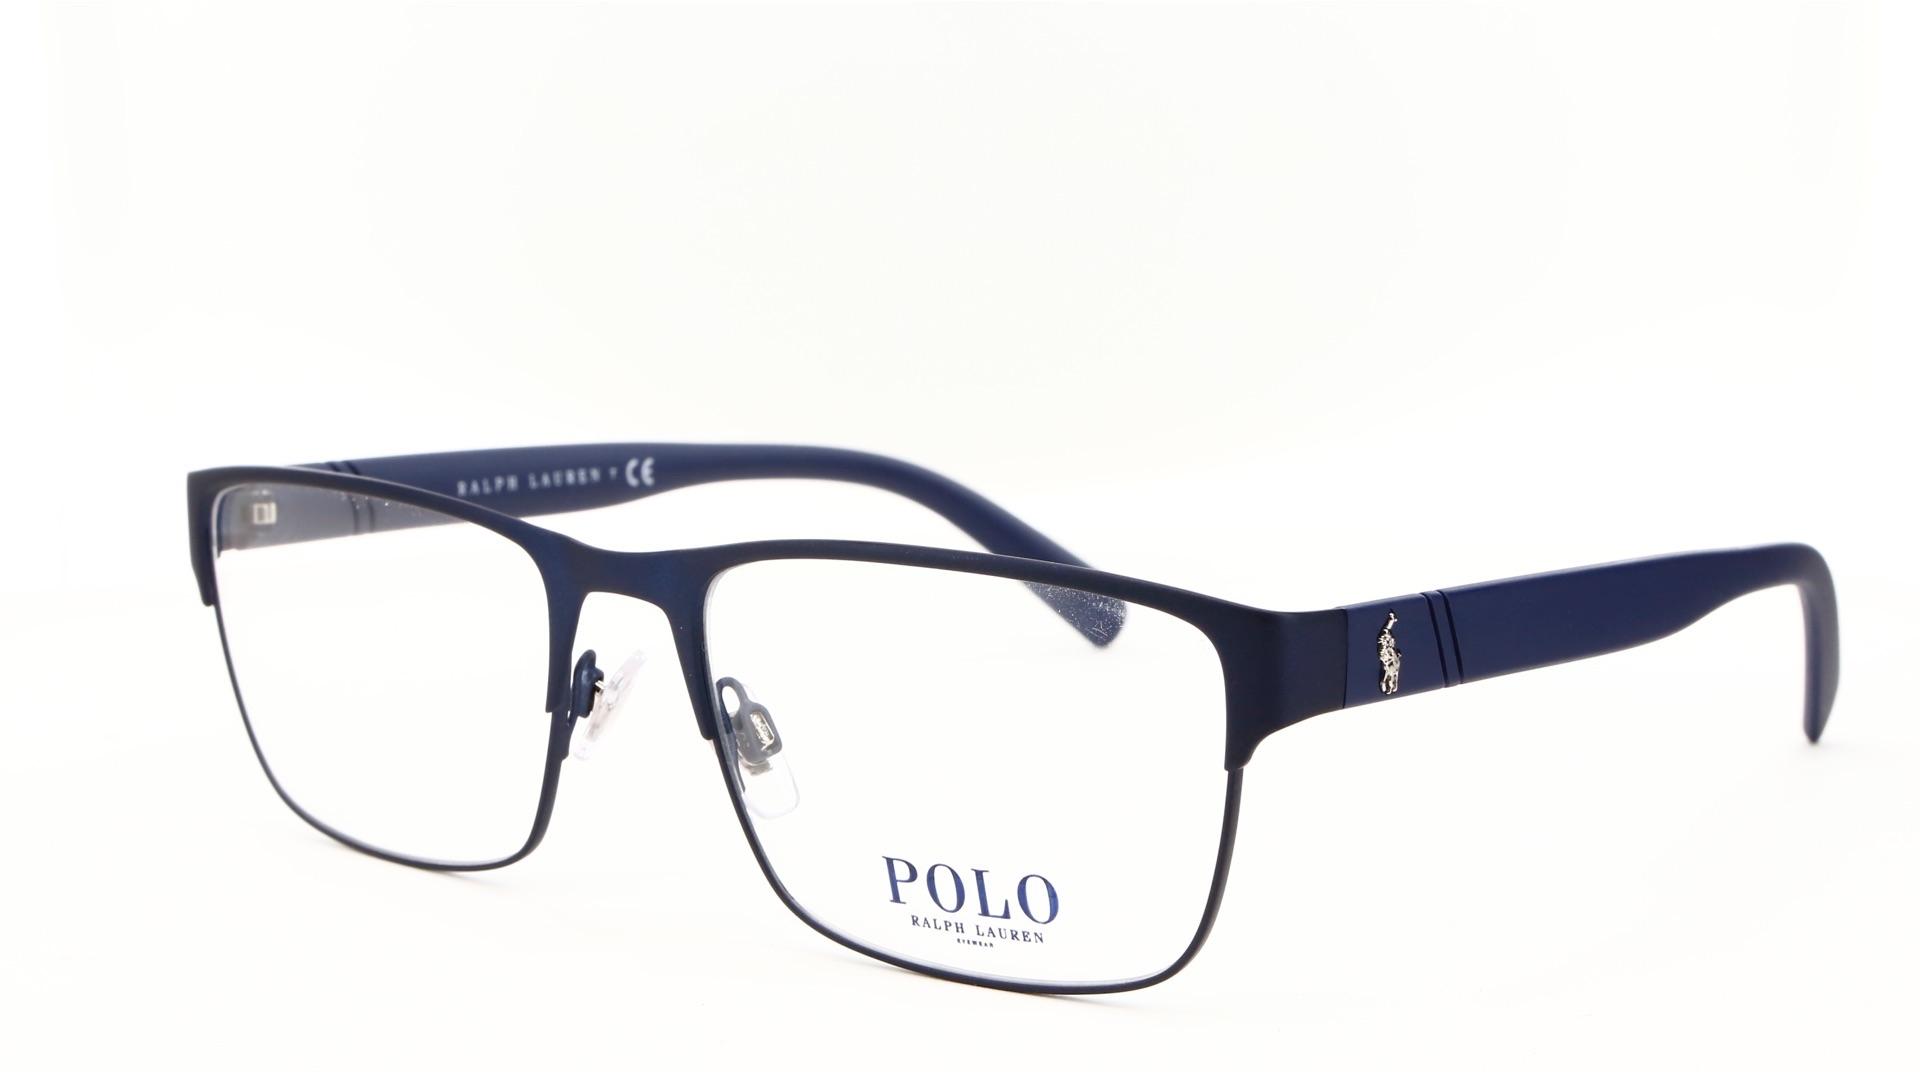 Polo Ralph Lauren - ref: 78630